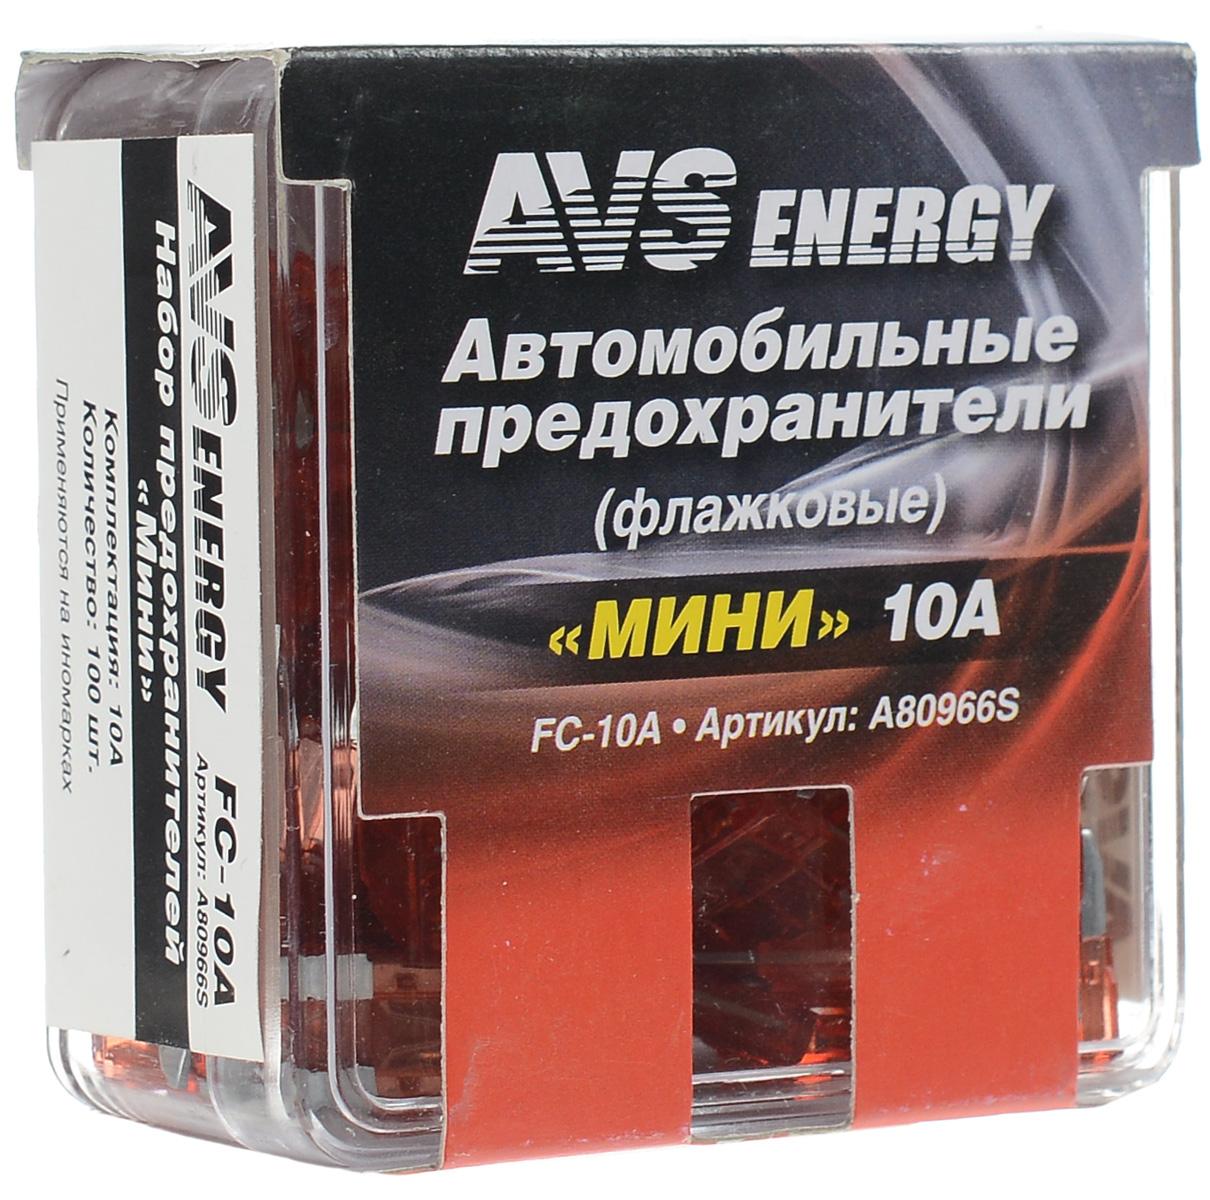 Предохранители для авто AVS A80966S